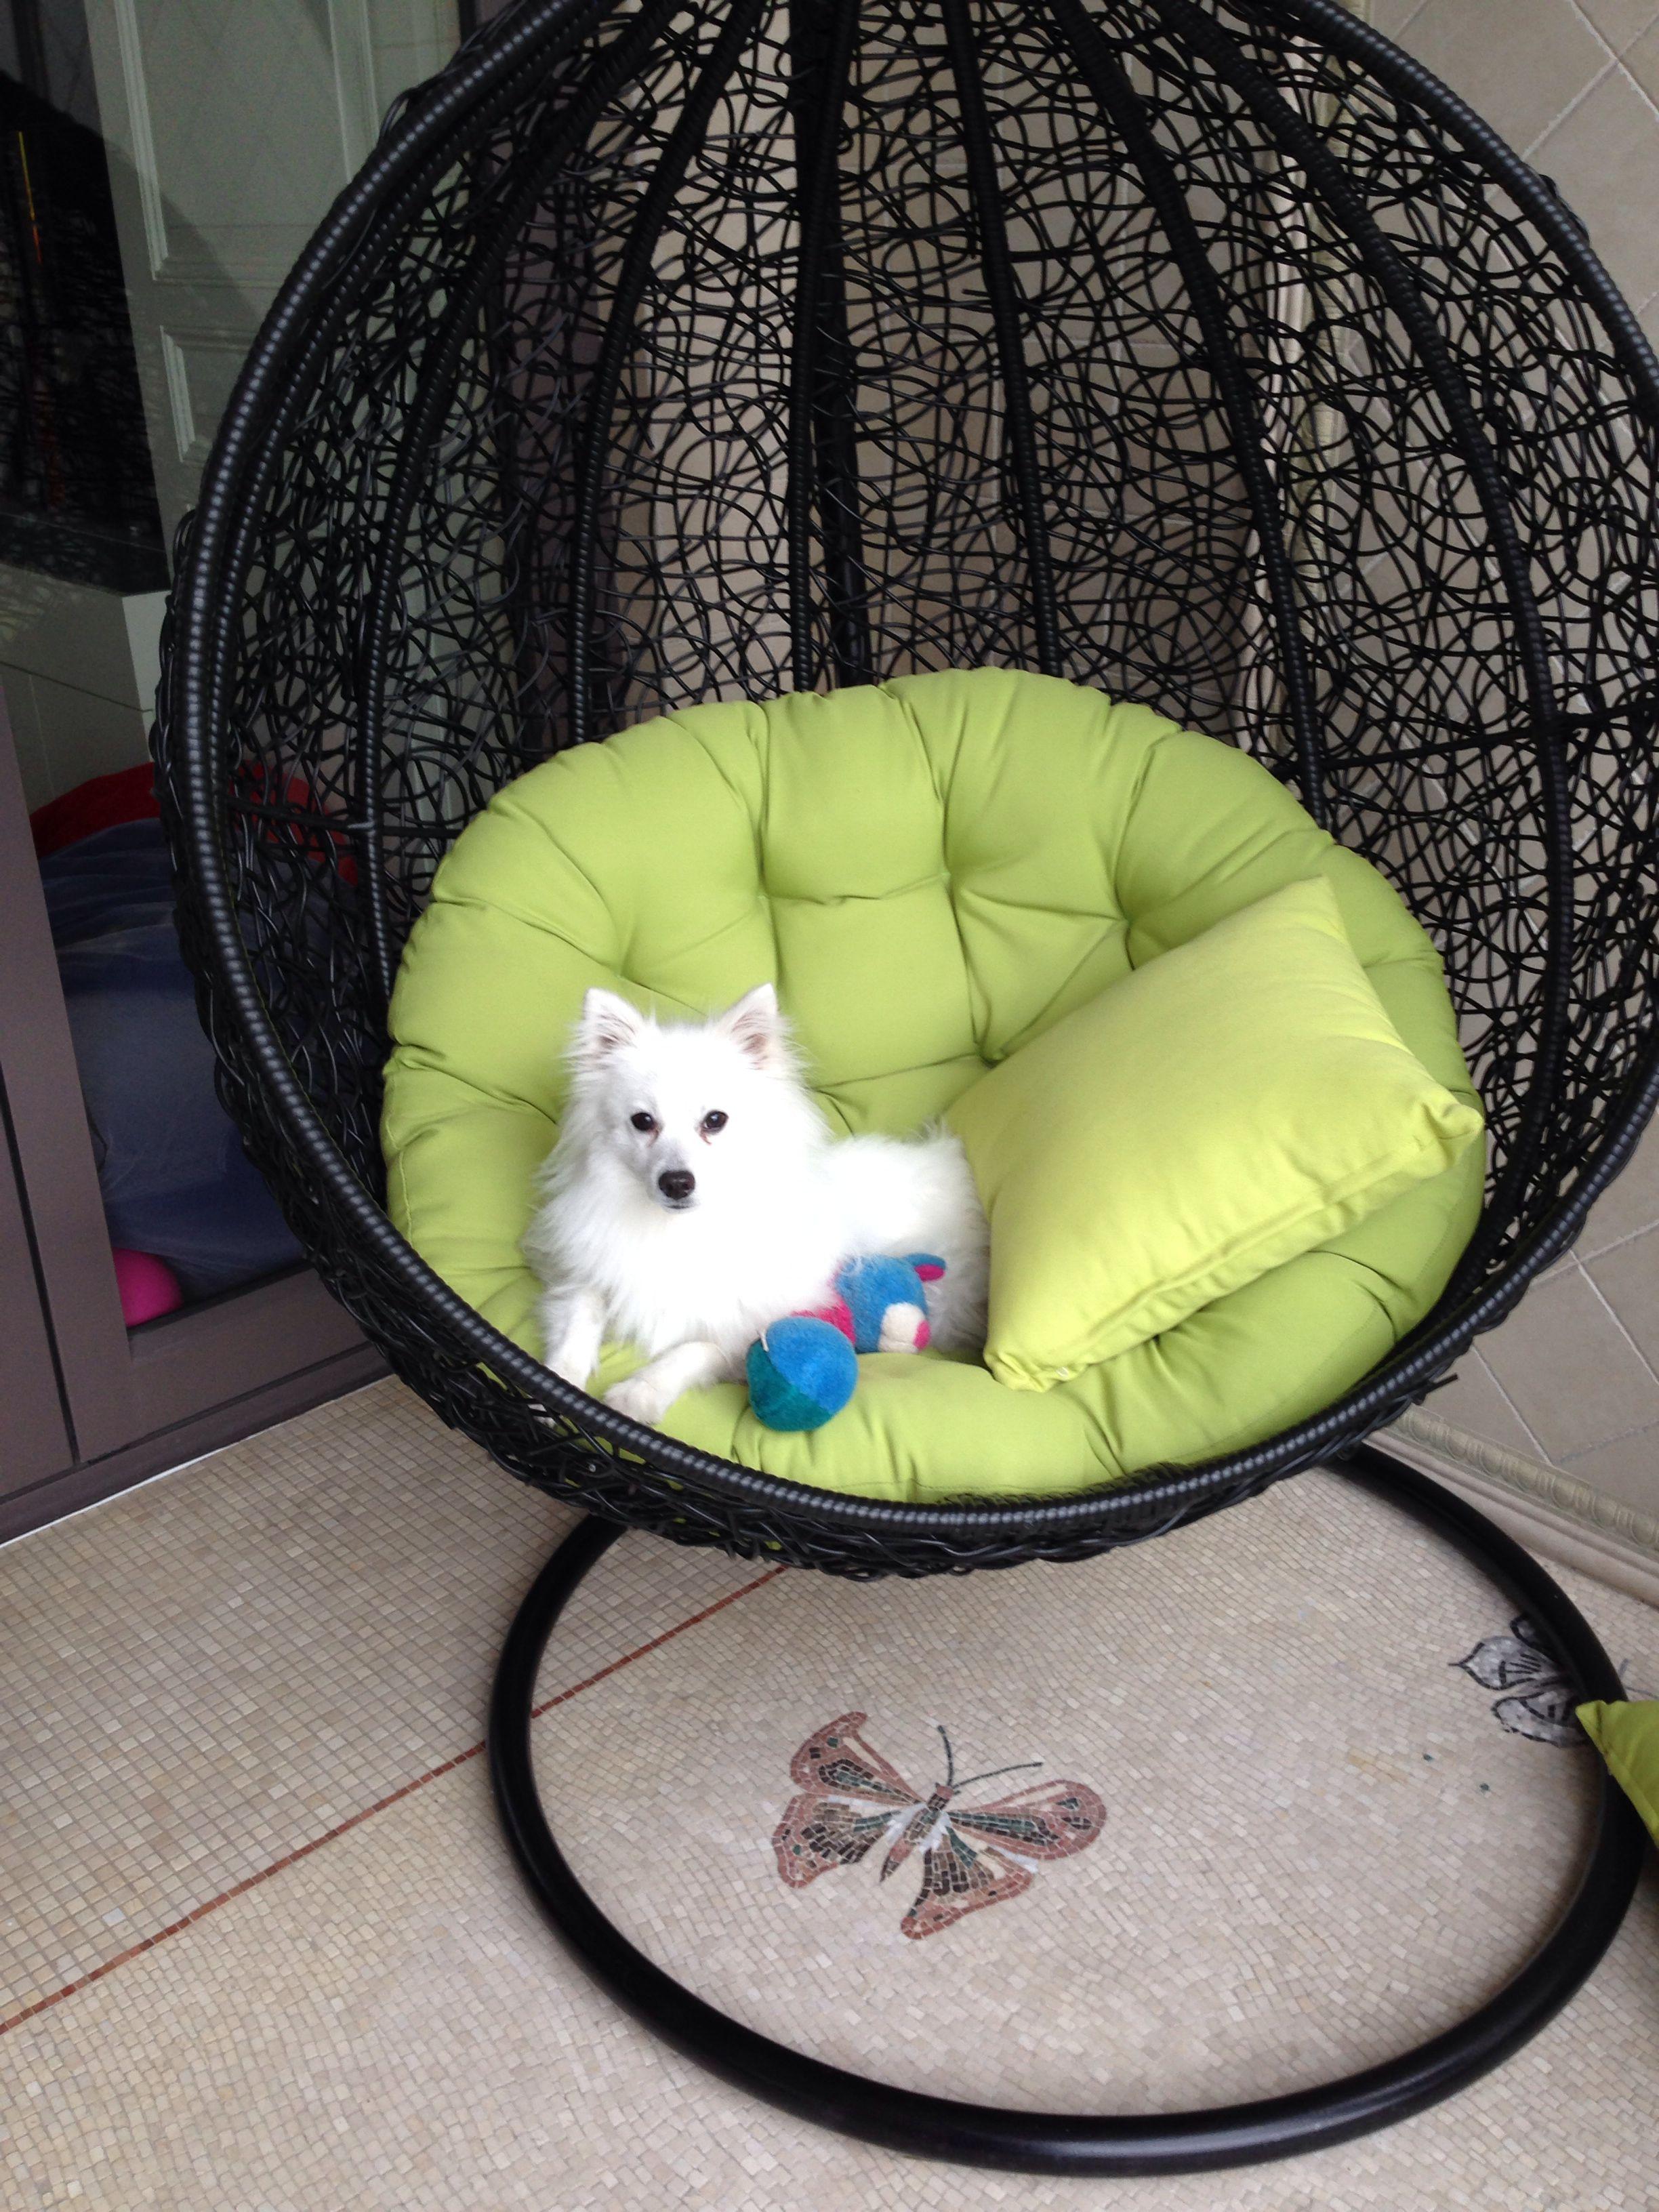 Cute dog on swing chair. Her name is Lexi (Görüntüler ile)